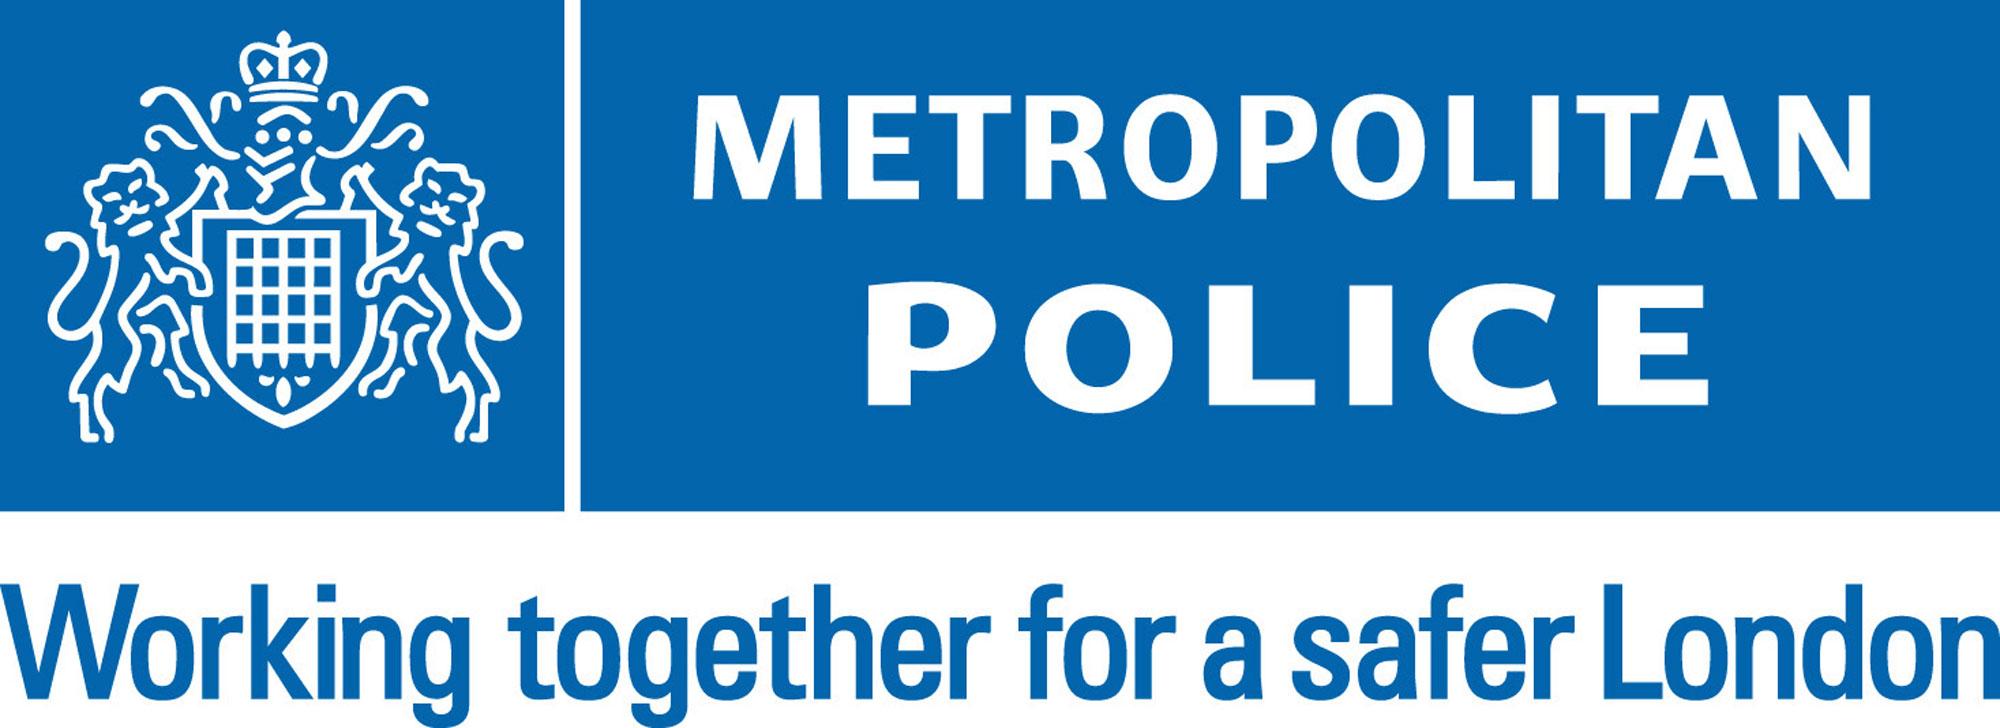 met-police-logo.jpg